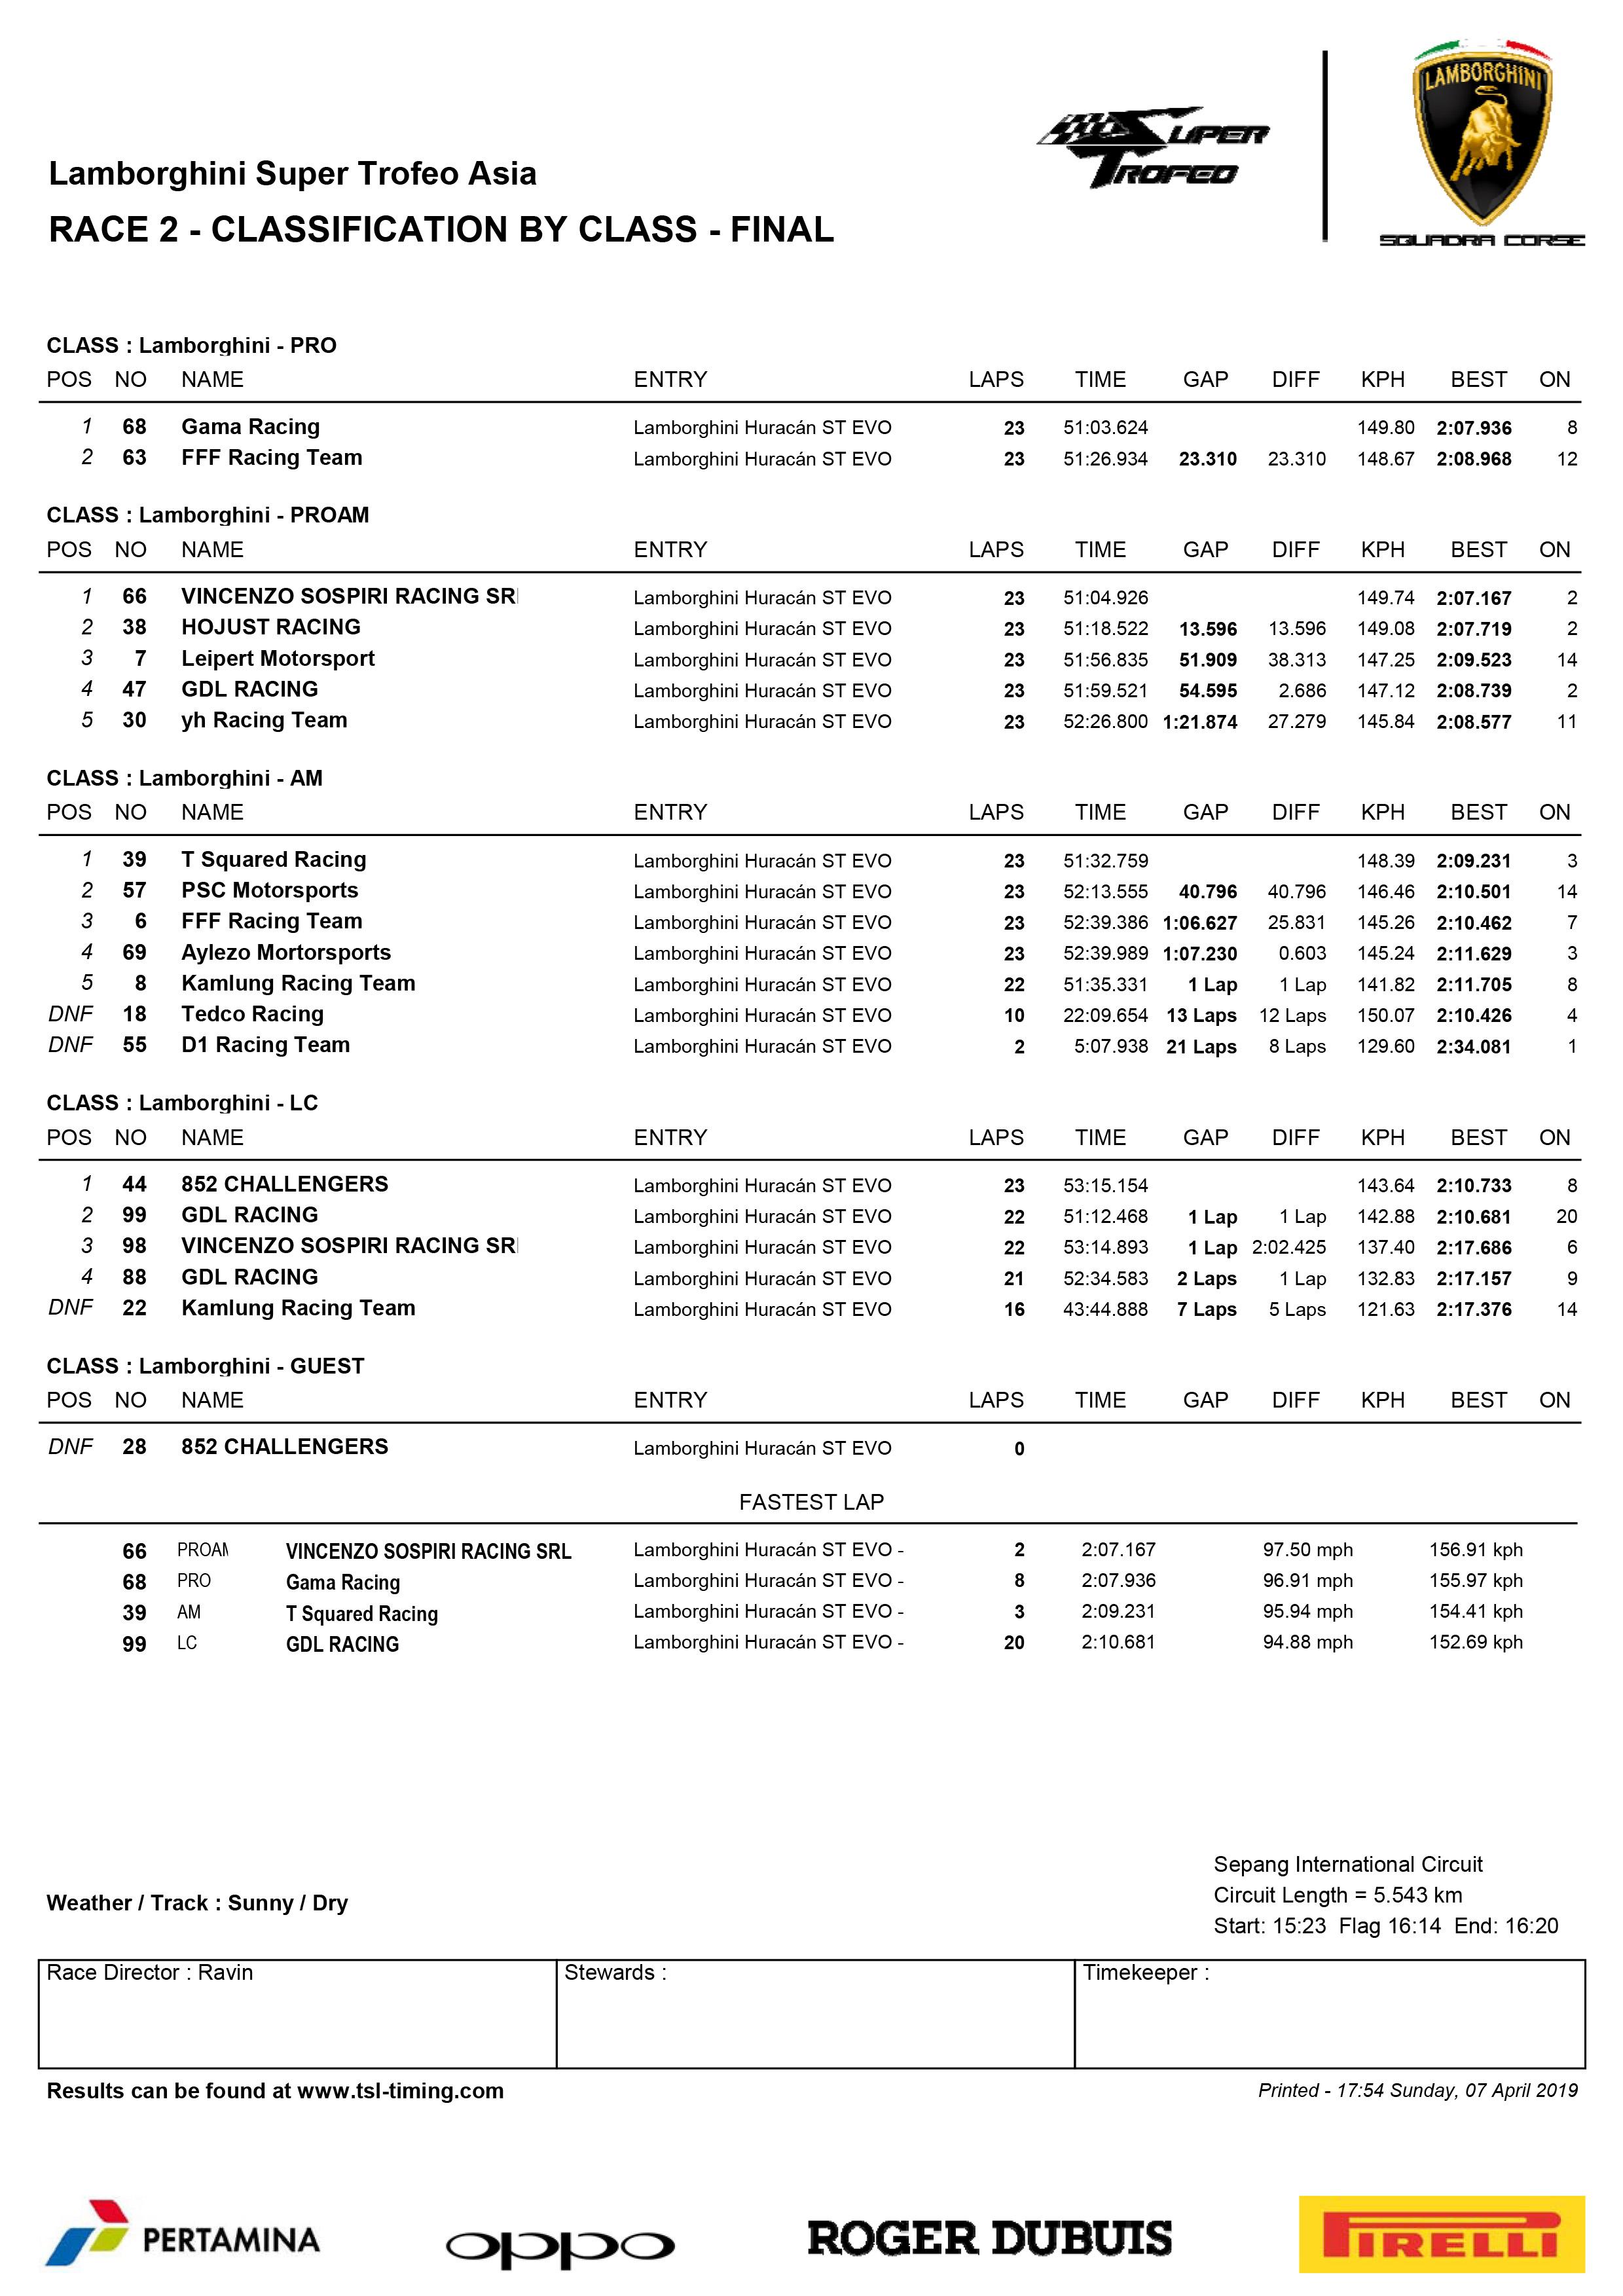 Lamborghini Super Trofeo Classification By Class